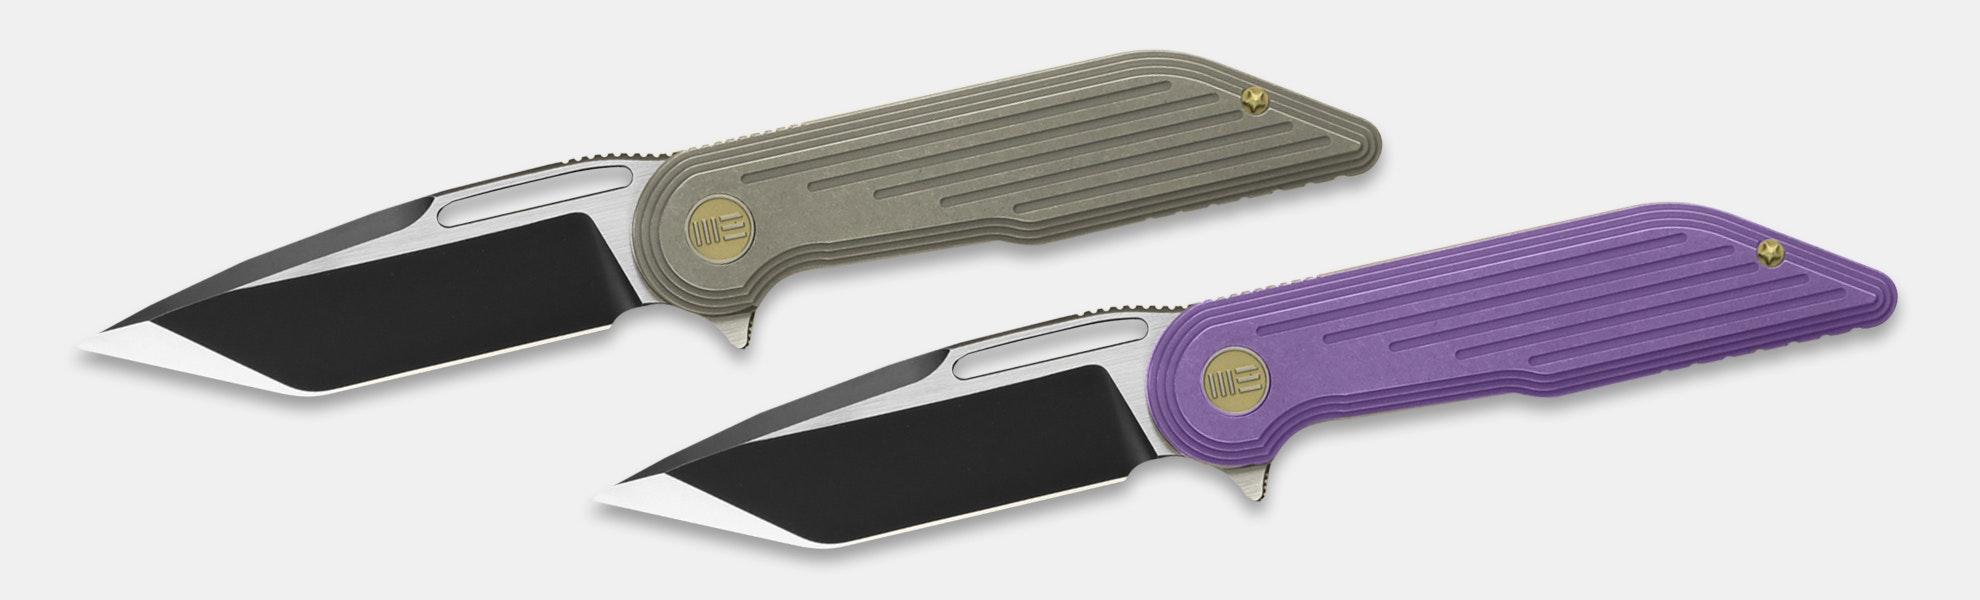 """WE Knife 616 """"Resonance"""" Folding Knife"""